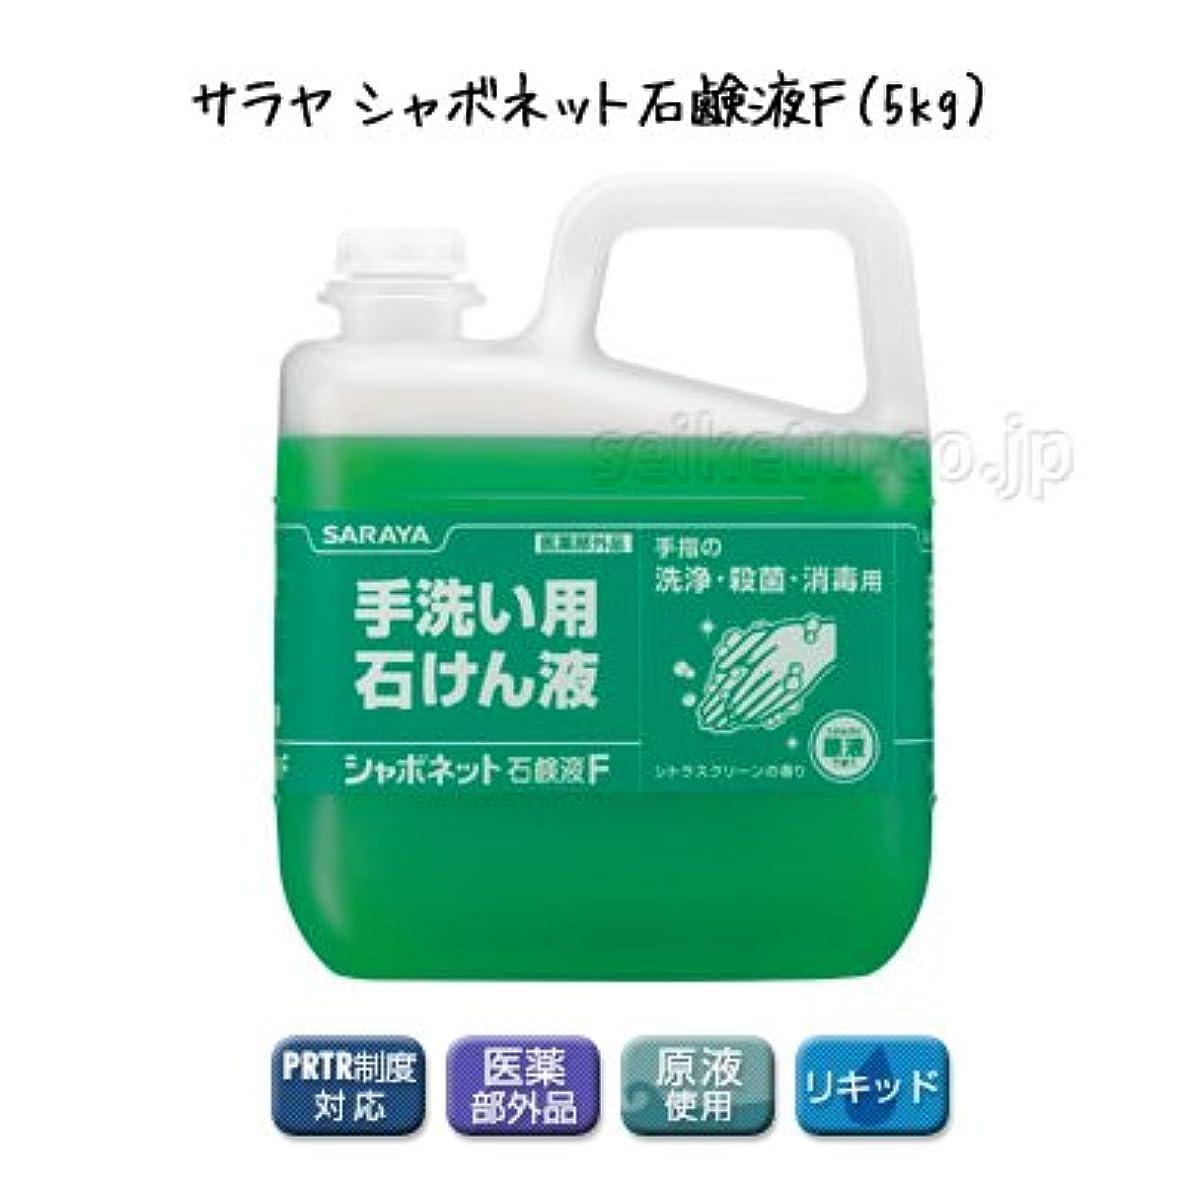 現代暴露探偵【清潔キレイ館】サラヤ シャボネット石鹸液F(5kg)